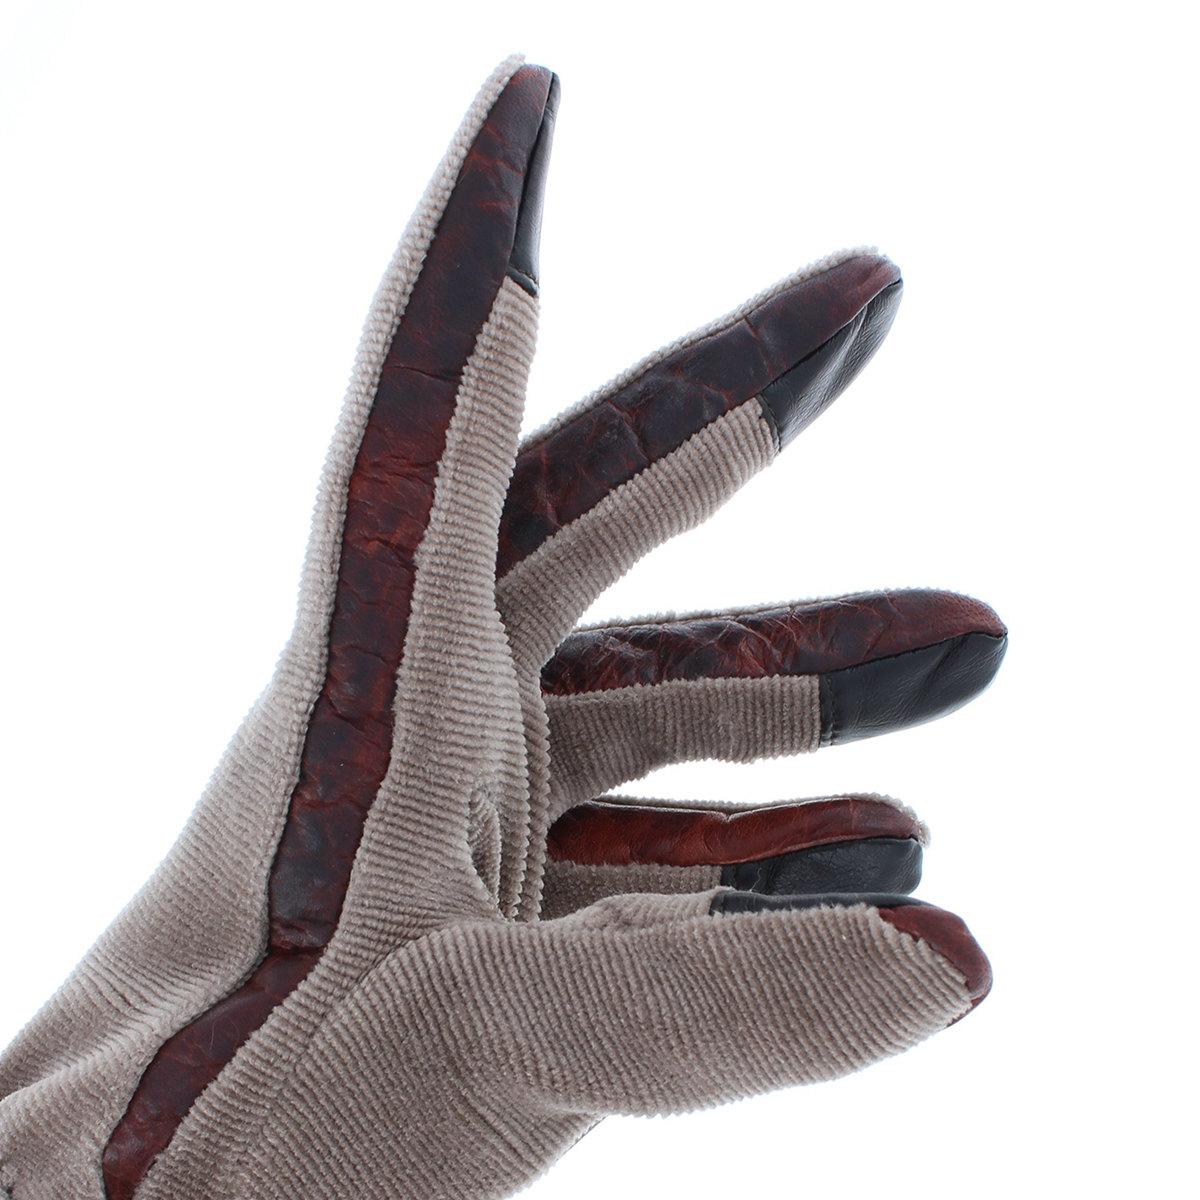 オロビアンコ メンズ コーデュロイ ビンテージ風 ジャージ手袋 タッチパネル対応